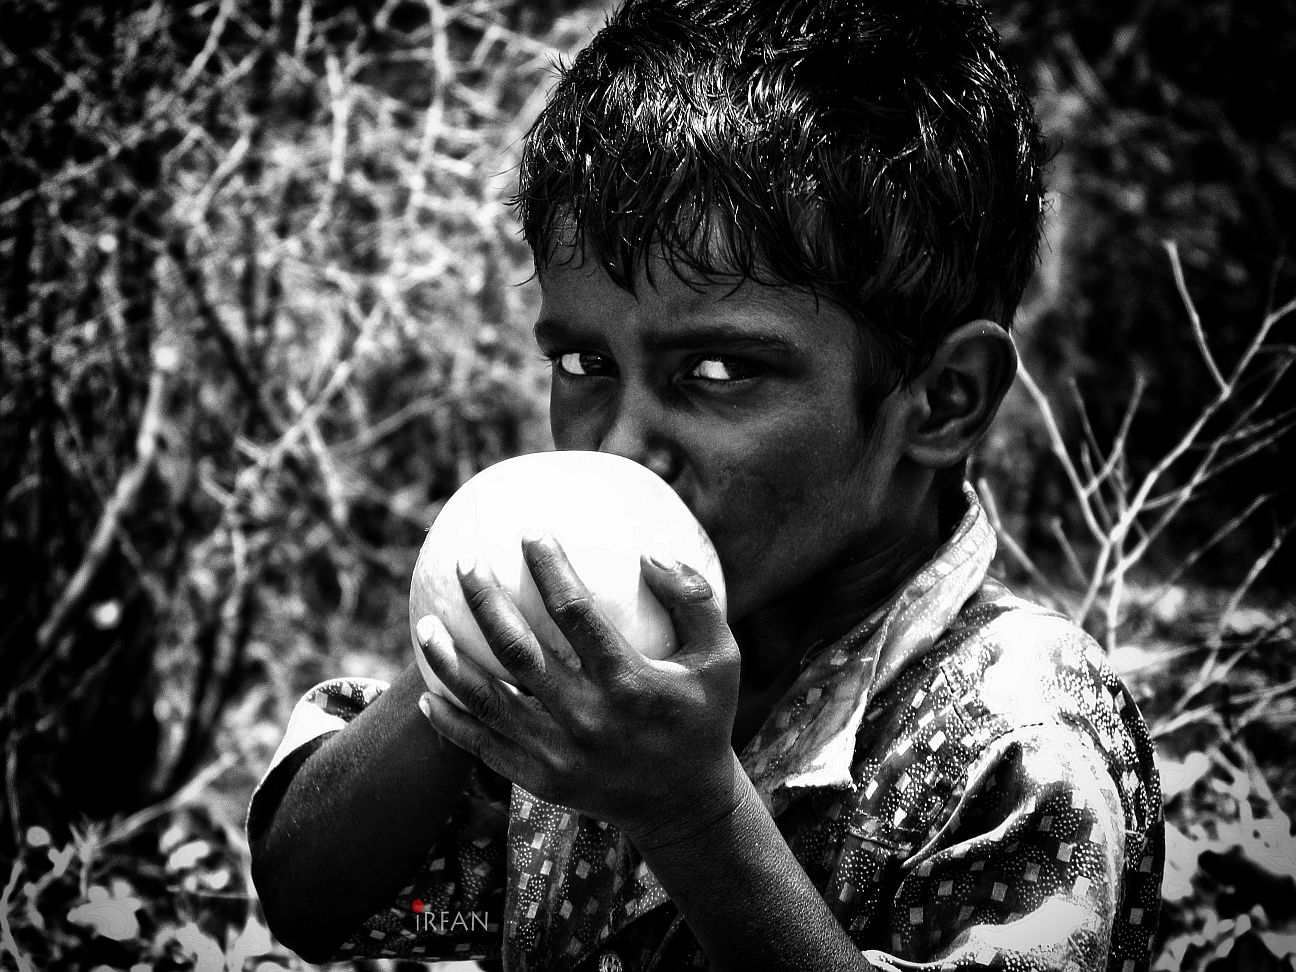 kid eating fruit wordpress